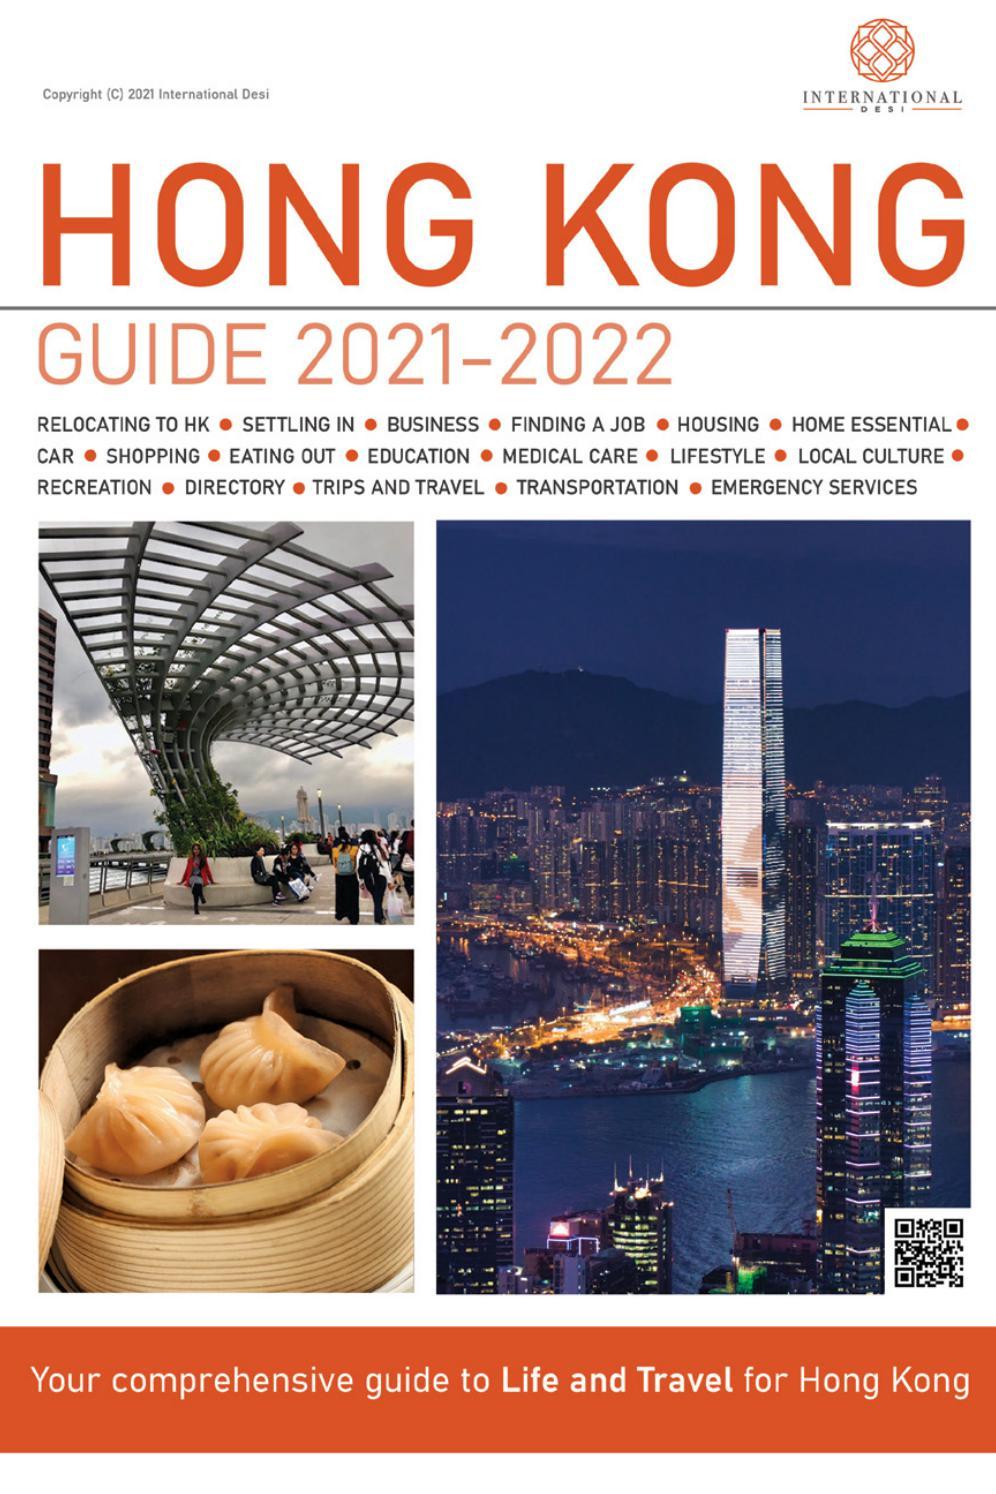 Hong Kong Guide 2021